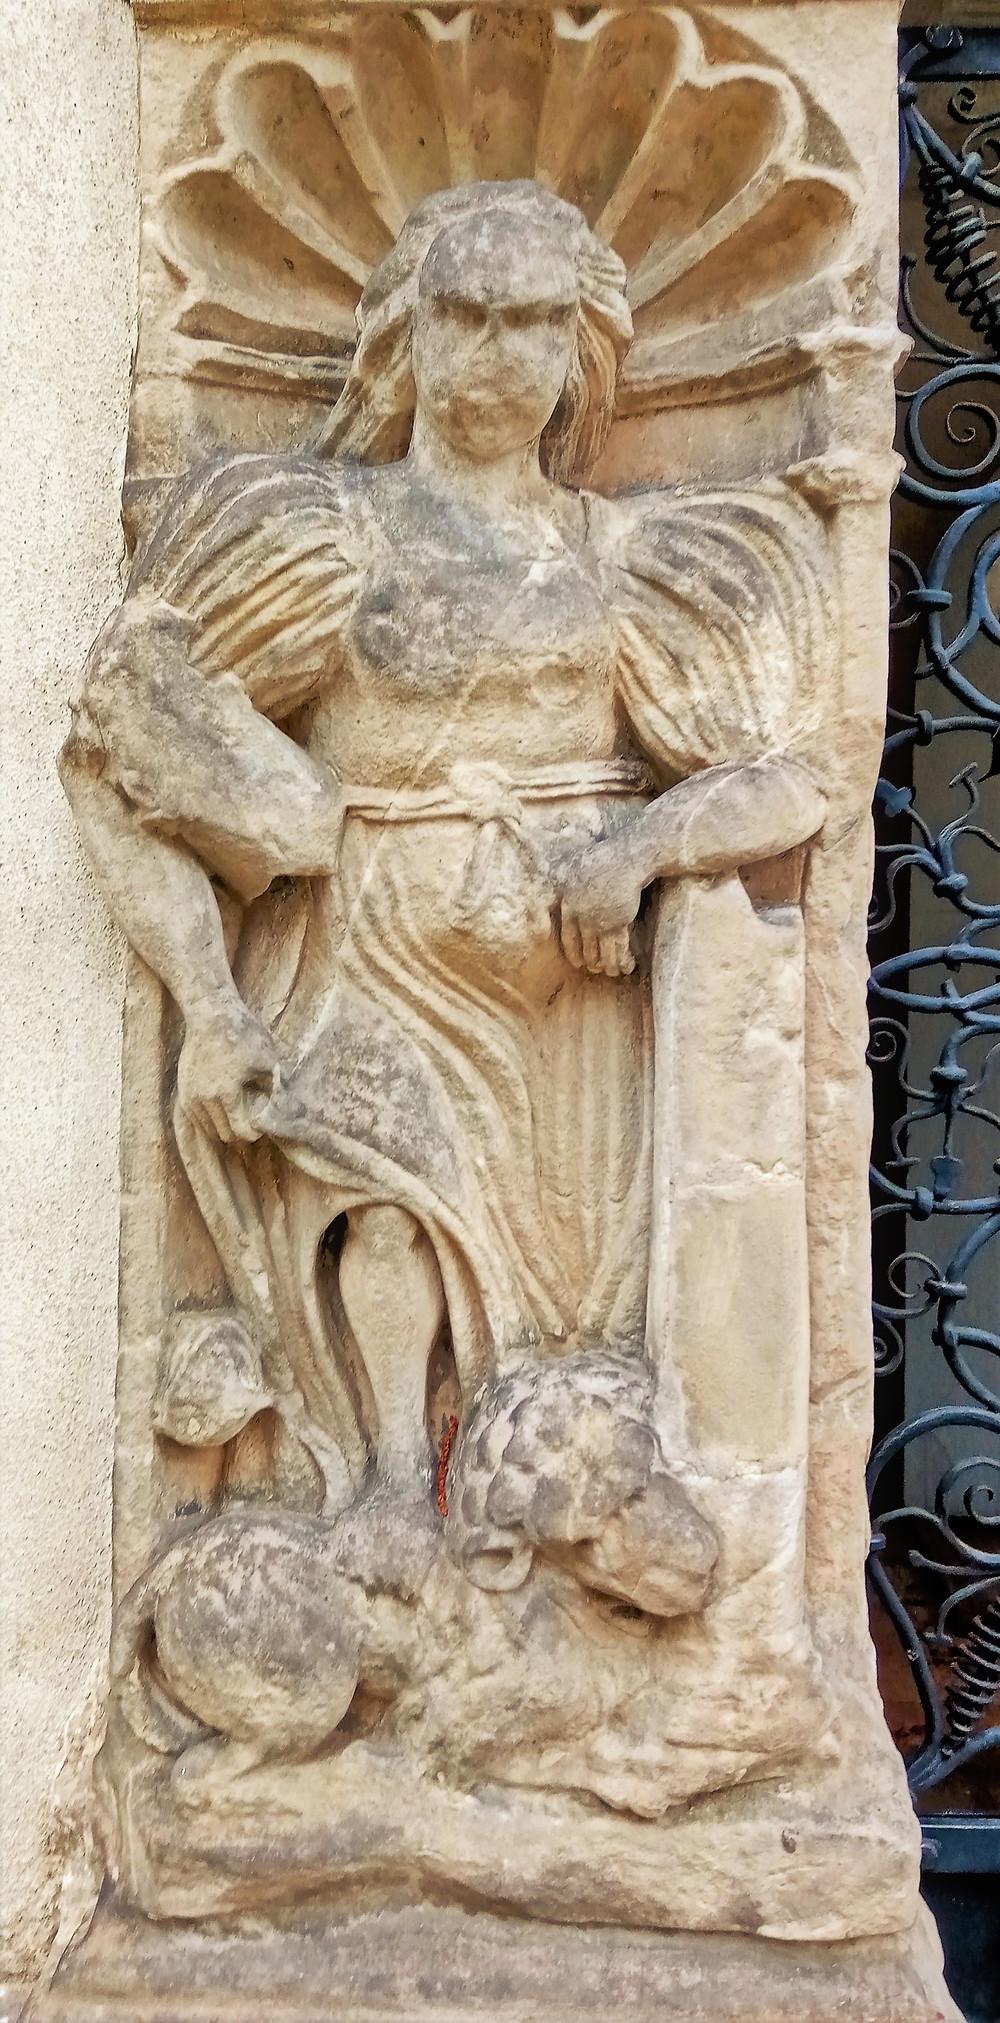 Zpodobnění Fortitudo - symbolu duchovní síly na hrobce Bukůwků z Bukůwky v Postřelmově